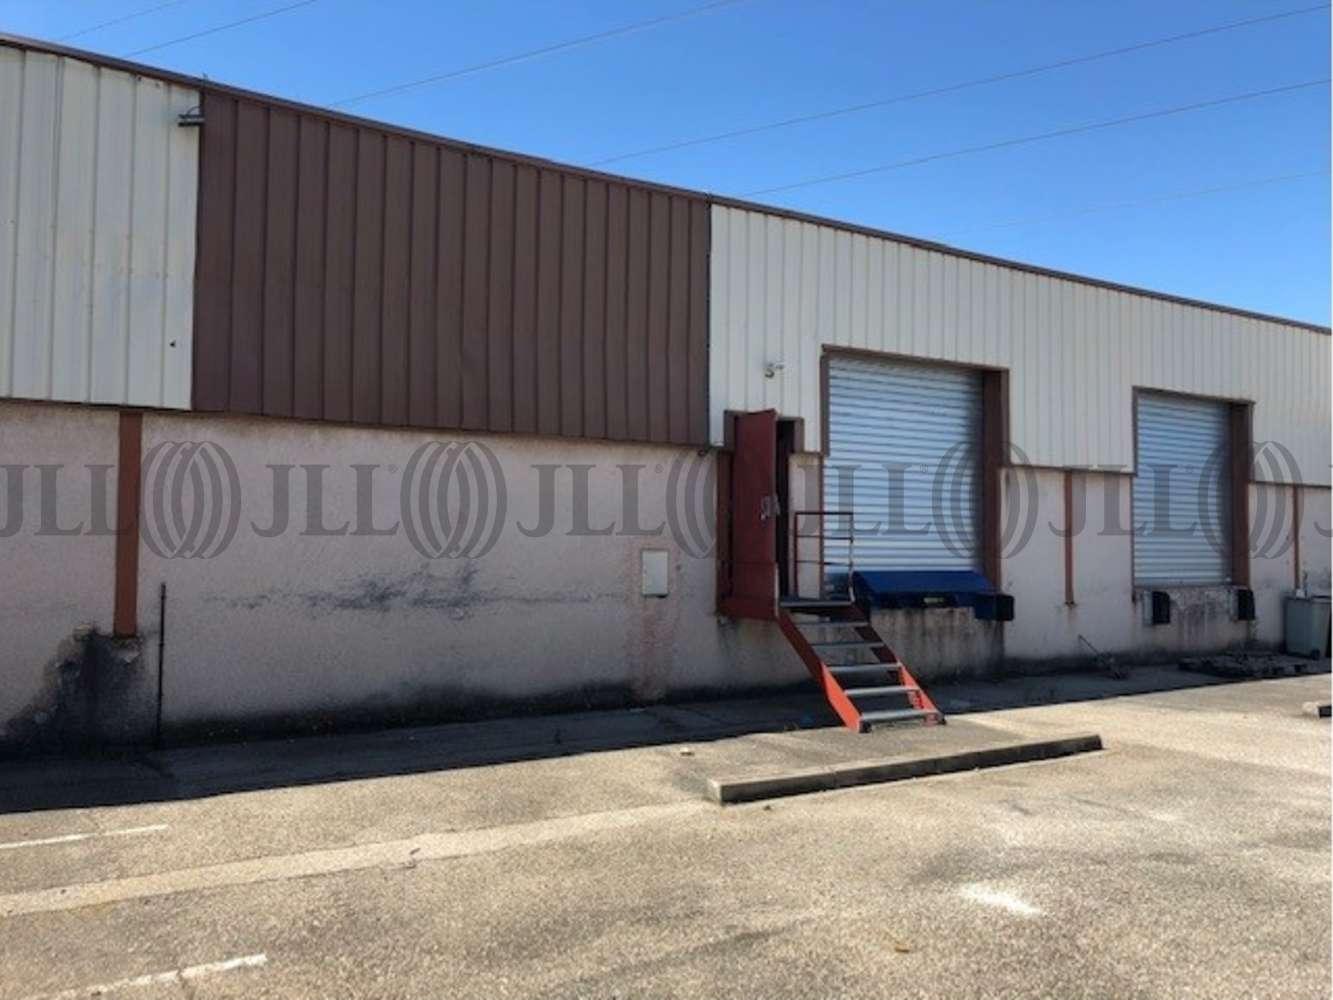 Activités/entrepôt Corbas, 69960 - LOCATION ENTREPOT CORBAS - LYON SUD EST